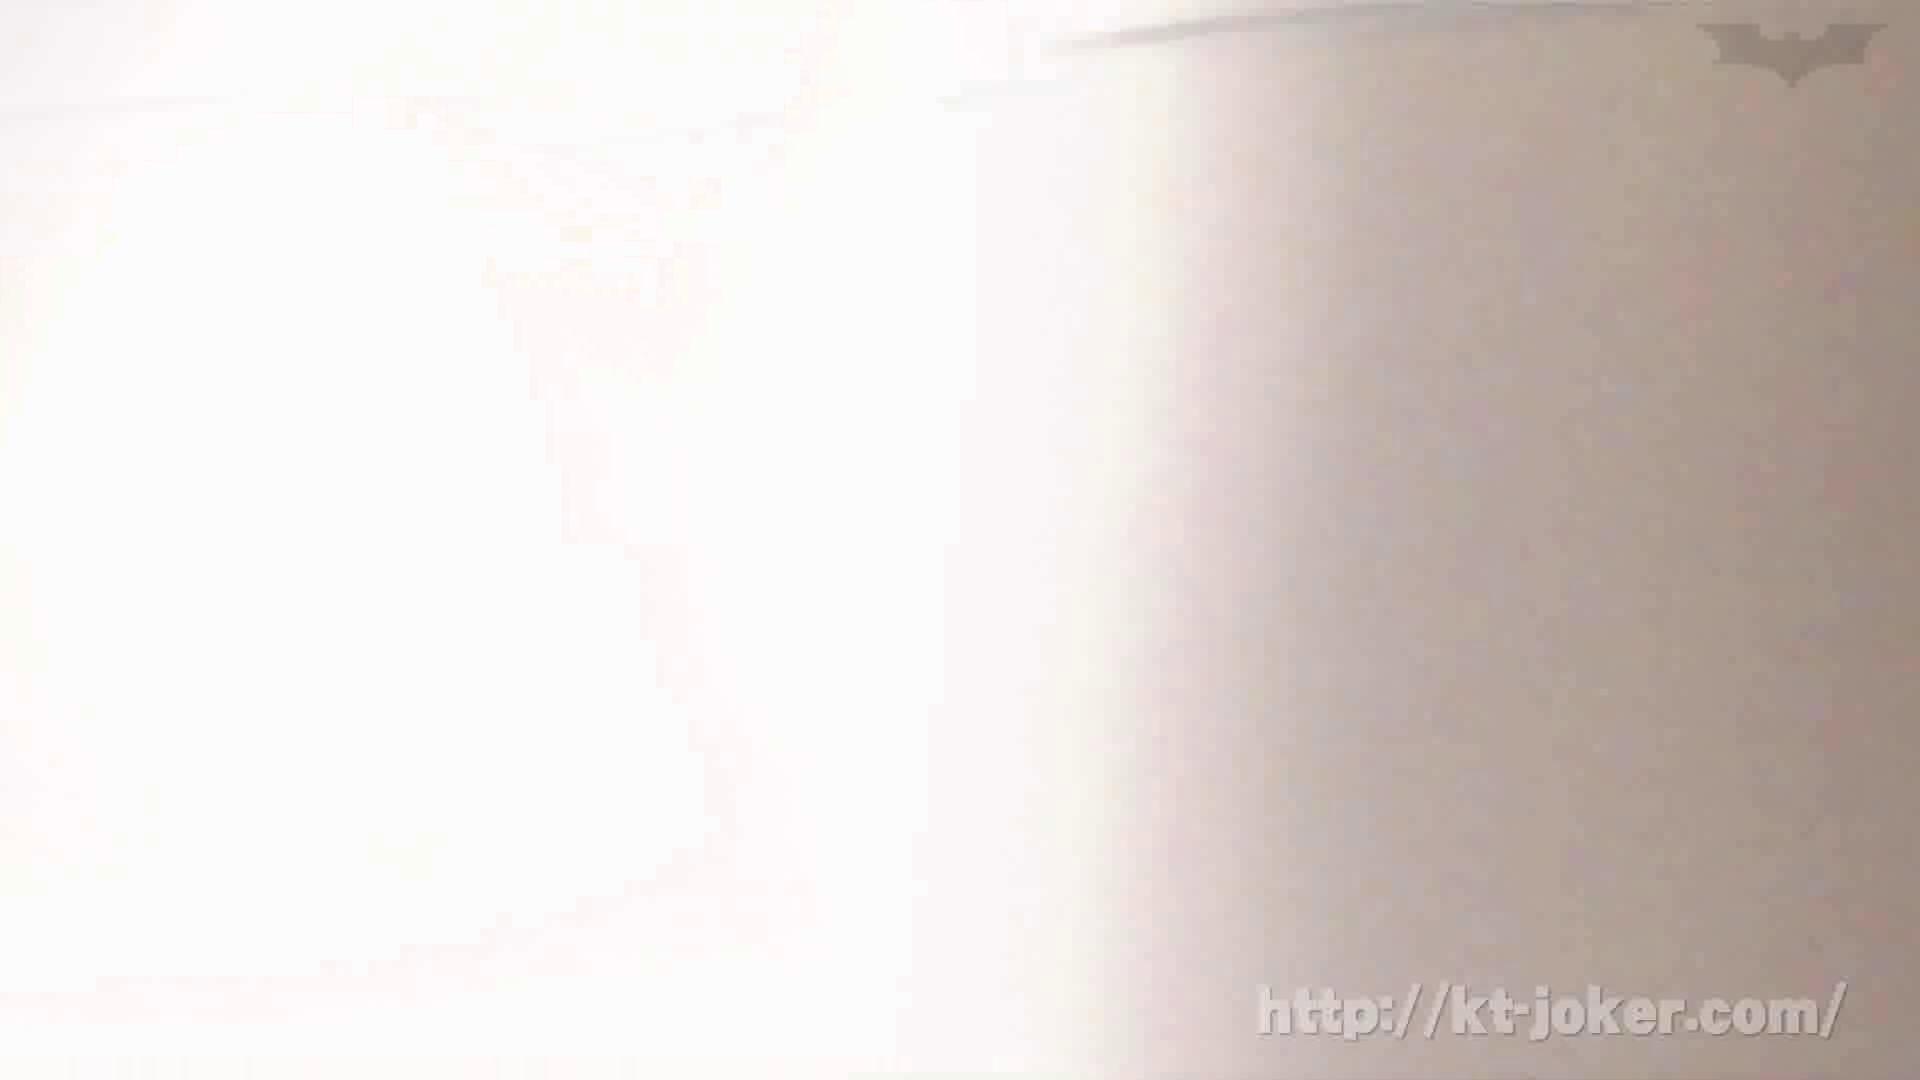 命がけ潜伏洗面所! vol.68 レベルアップ!! プライベート投稿 | OLヌード天国  109PIX 7